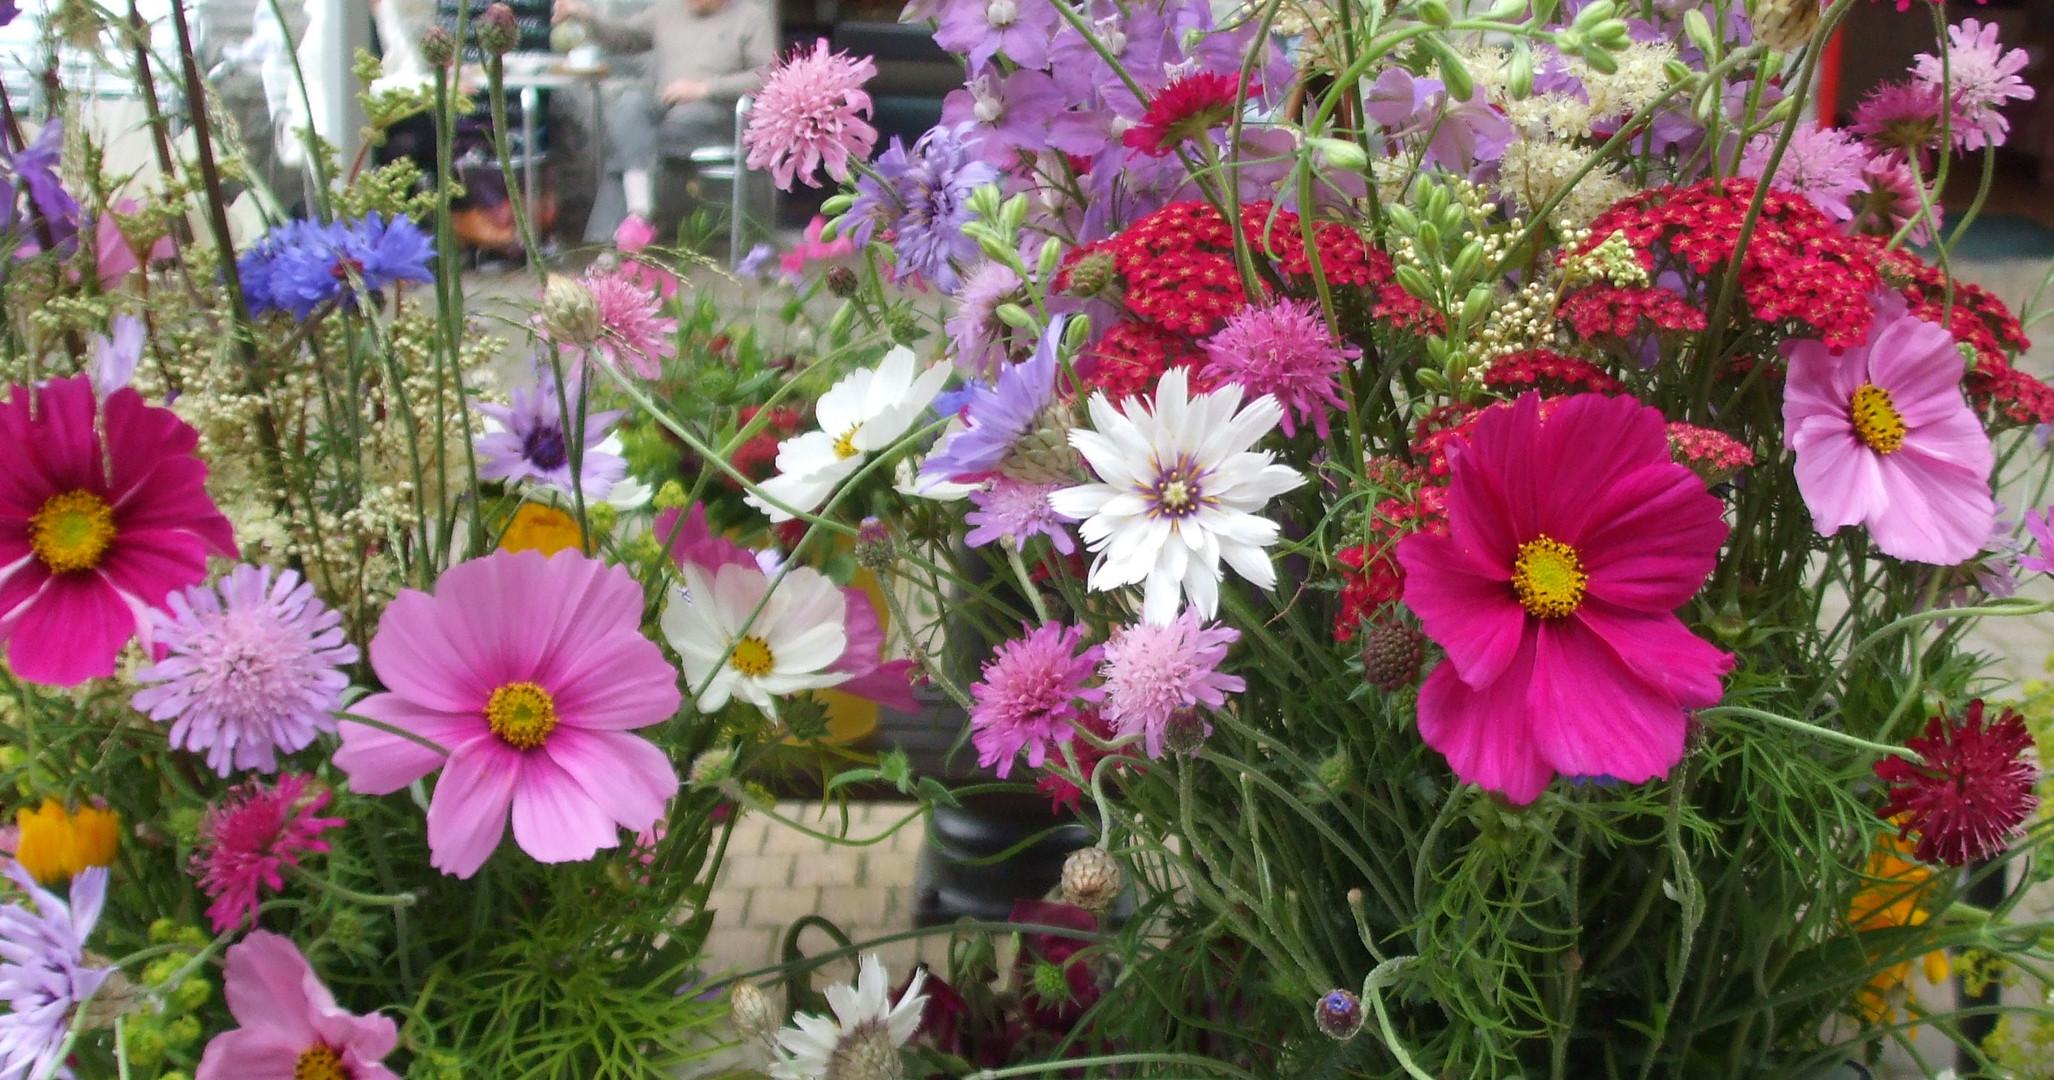 Floral Display 12 (2).jpg